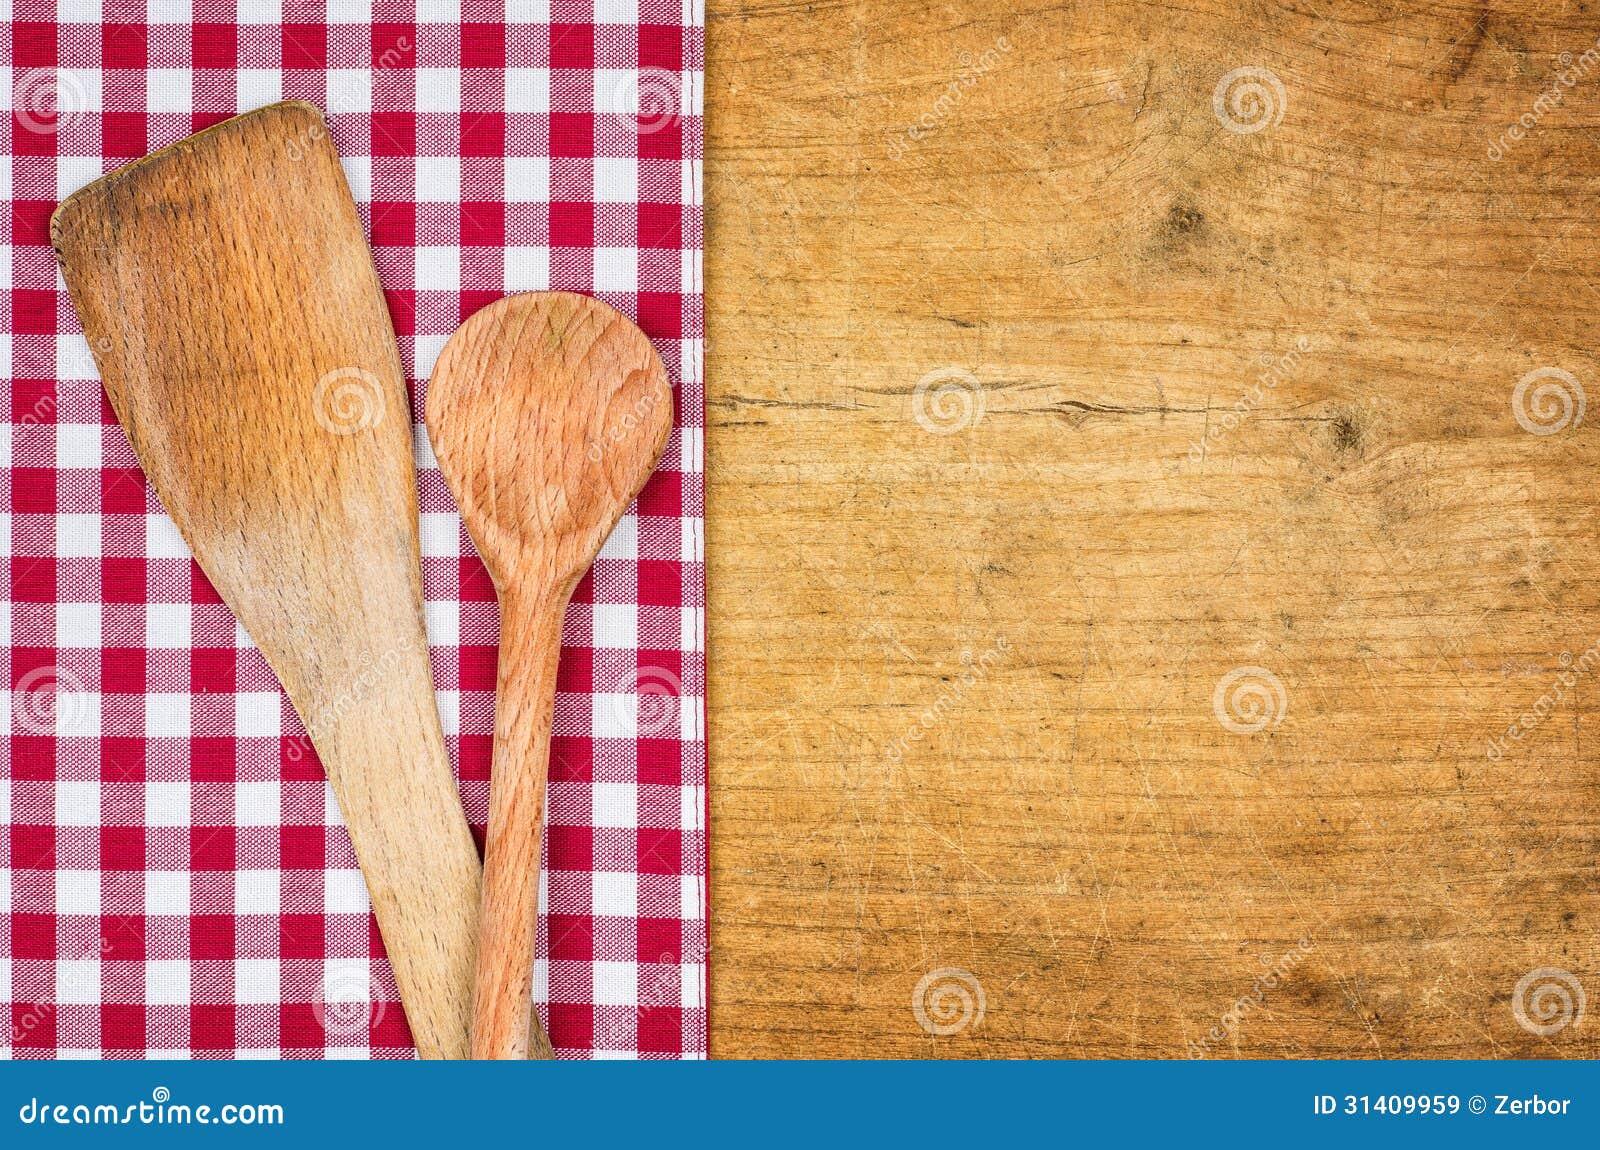 Rustikaler hölzerner Hintergrund mit einer karierten Tischdecke und hölzernen Löffeln